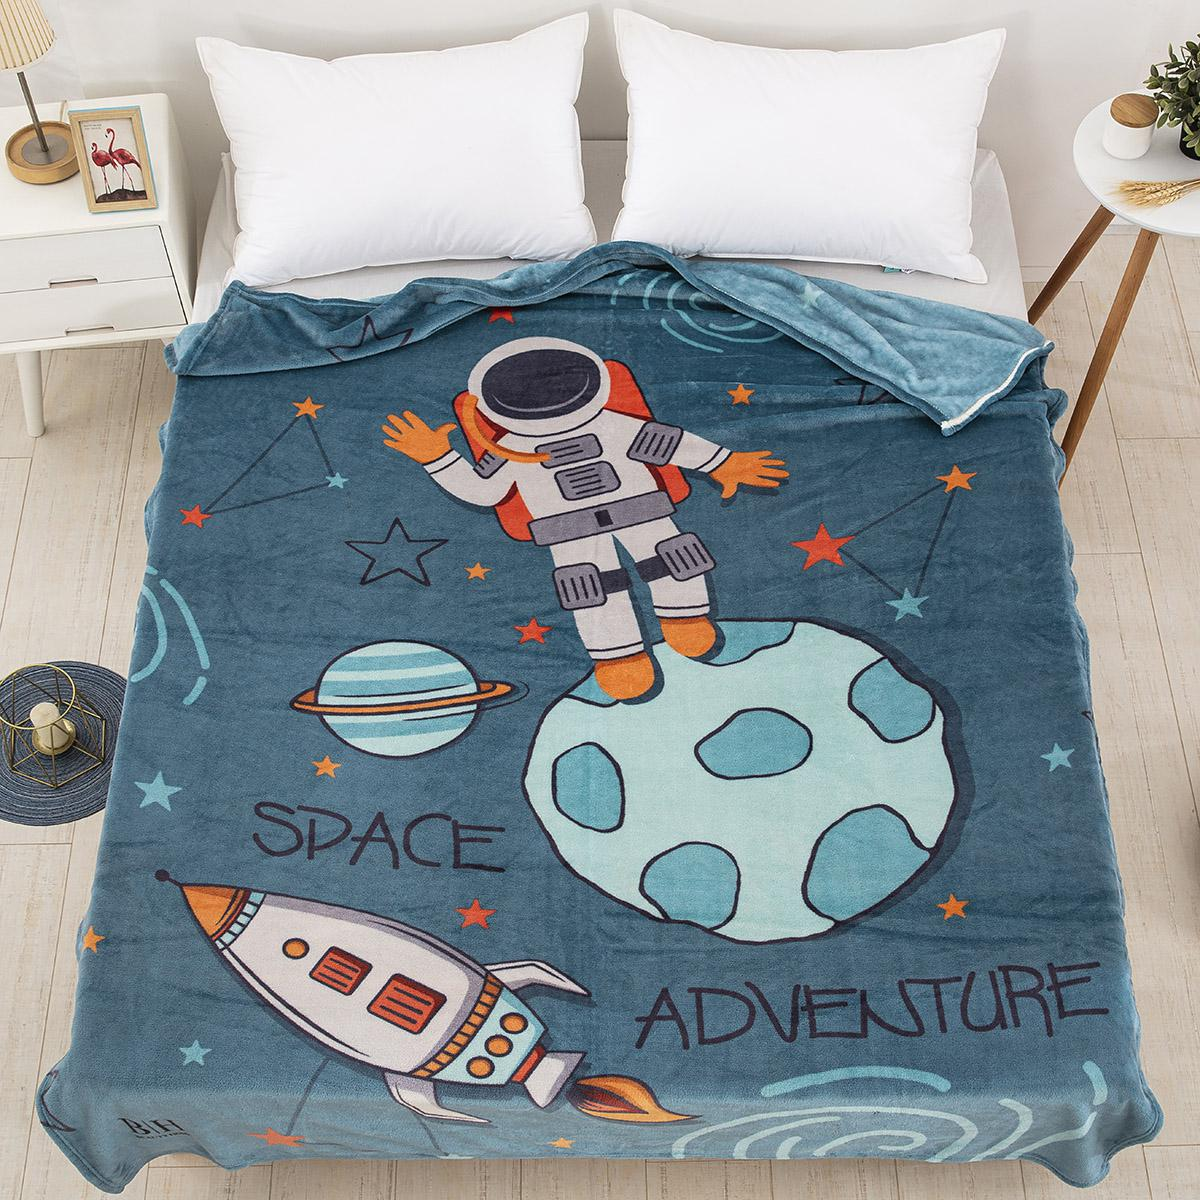 Κουβέρτα μονή Art 6167 160×220 Μπλε Beauty Home